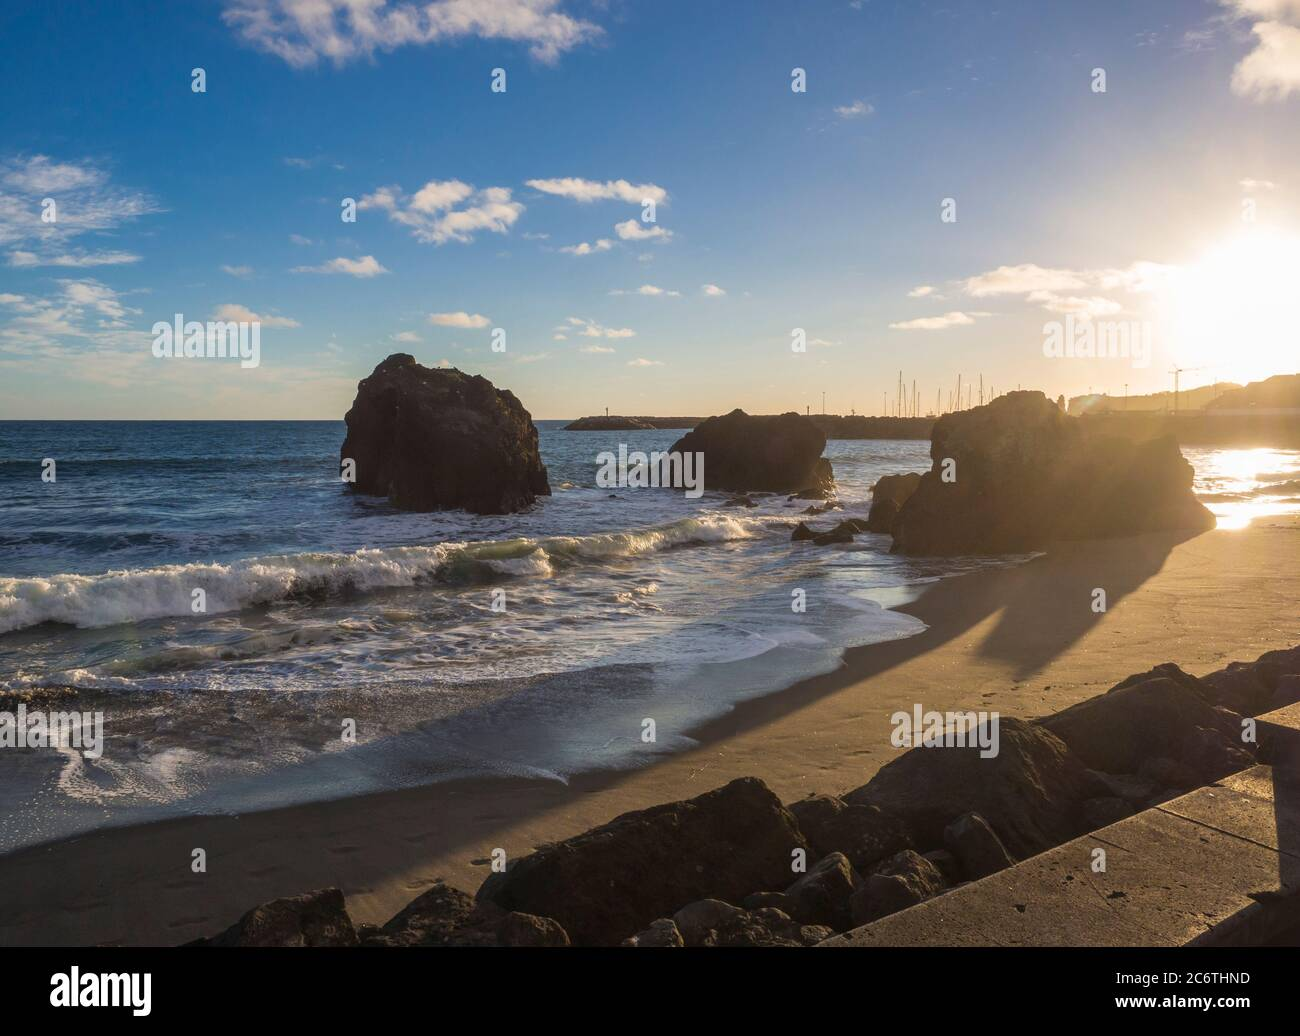 Sandstrand der Stadt Vila Franca do Campo mit vulkanischen Felsen im Ozean, blauen Himmel und weißen Wolken, Sao Miguel, Azoren, Portugal Stockfoto